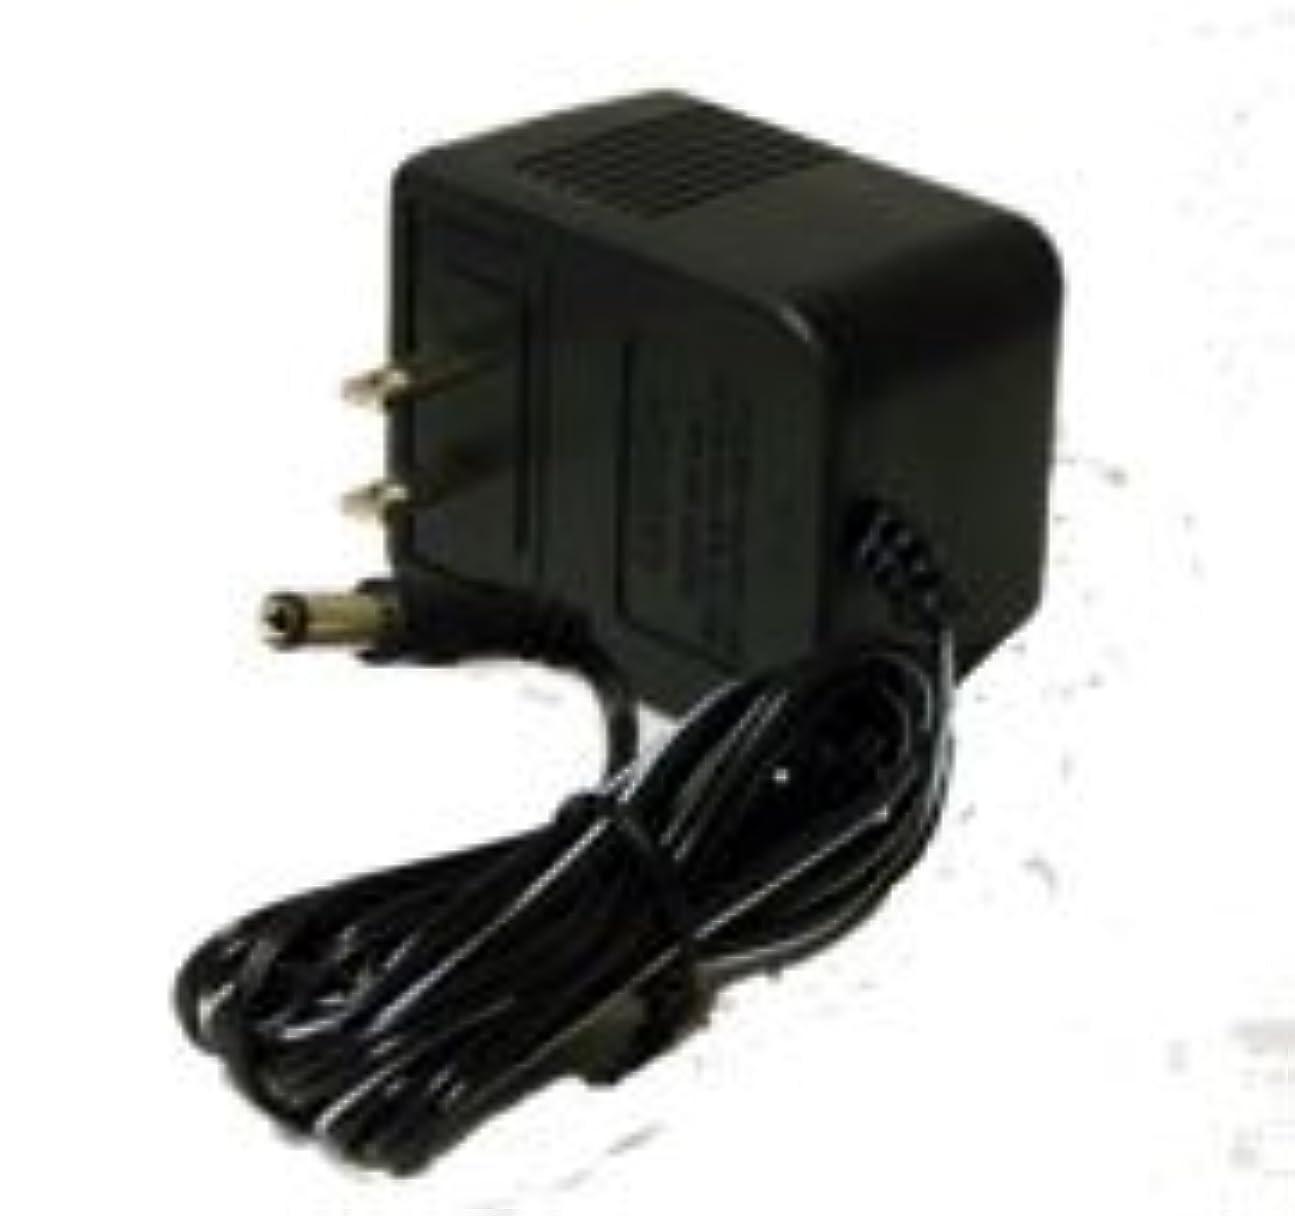 シャープギネス明らか生活の木 エッセンシャルオイルディフューザー用部品ACアダプター (08-802-1070)